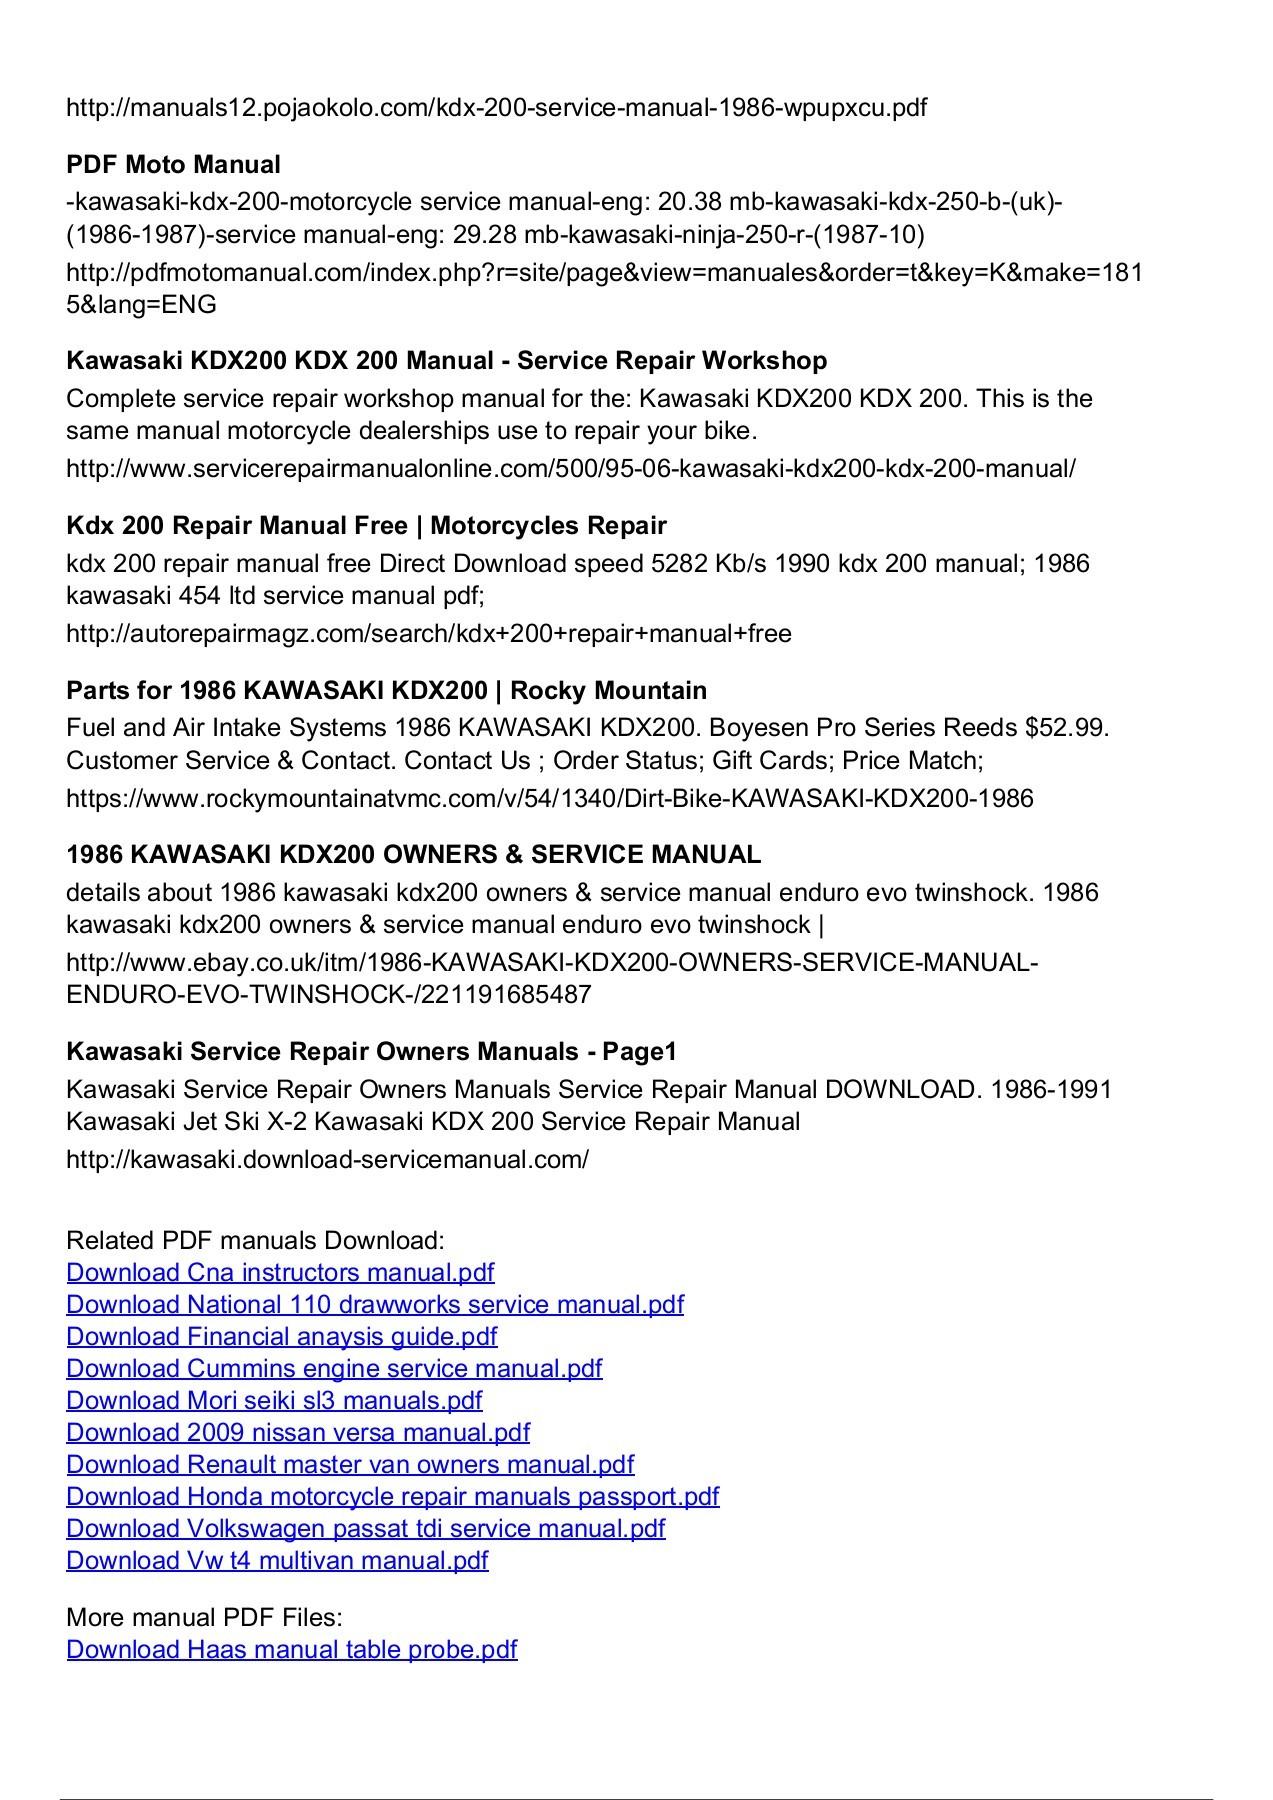 ... repair manual Array - kawasaki x2 manual free rh kawasaki x2 manual  free logoutev de